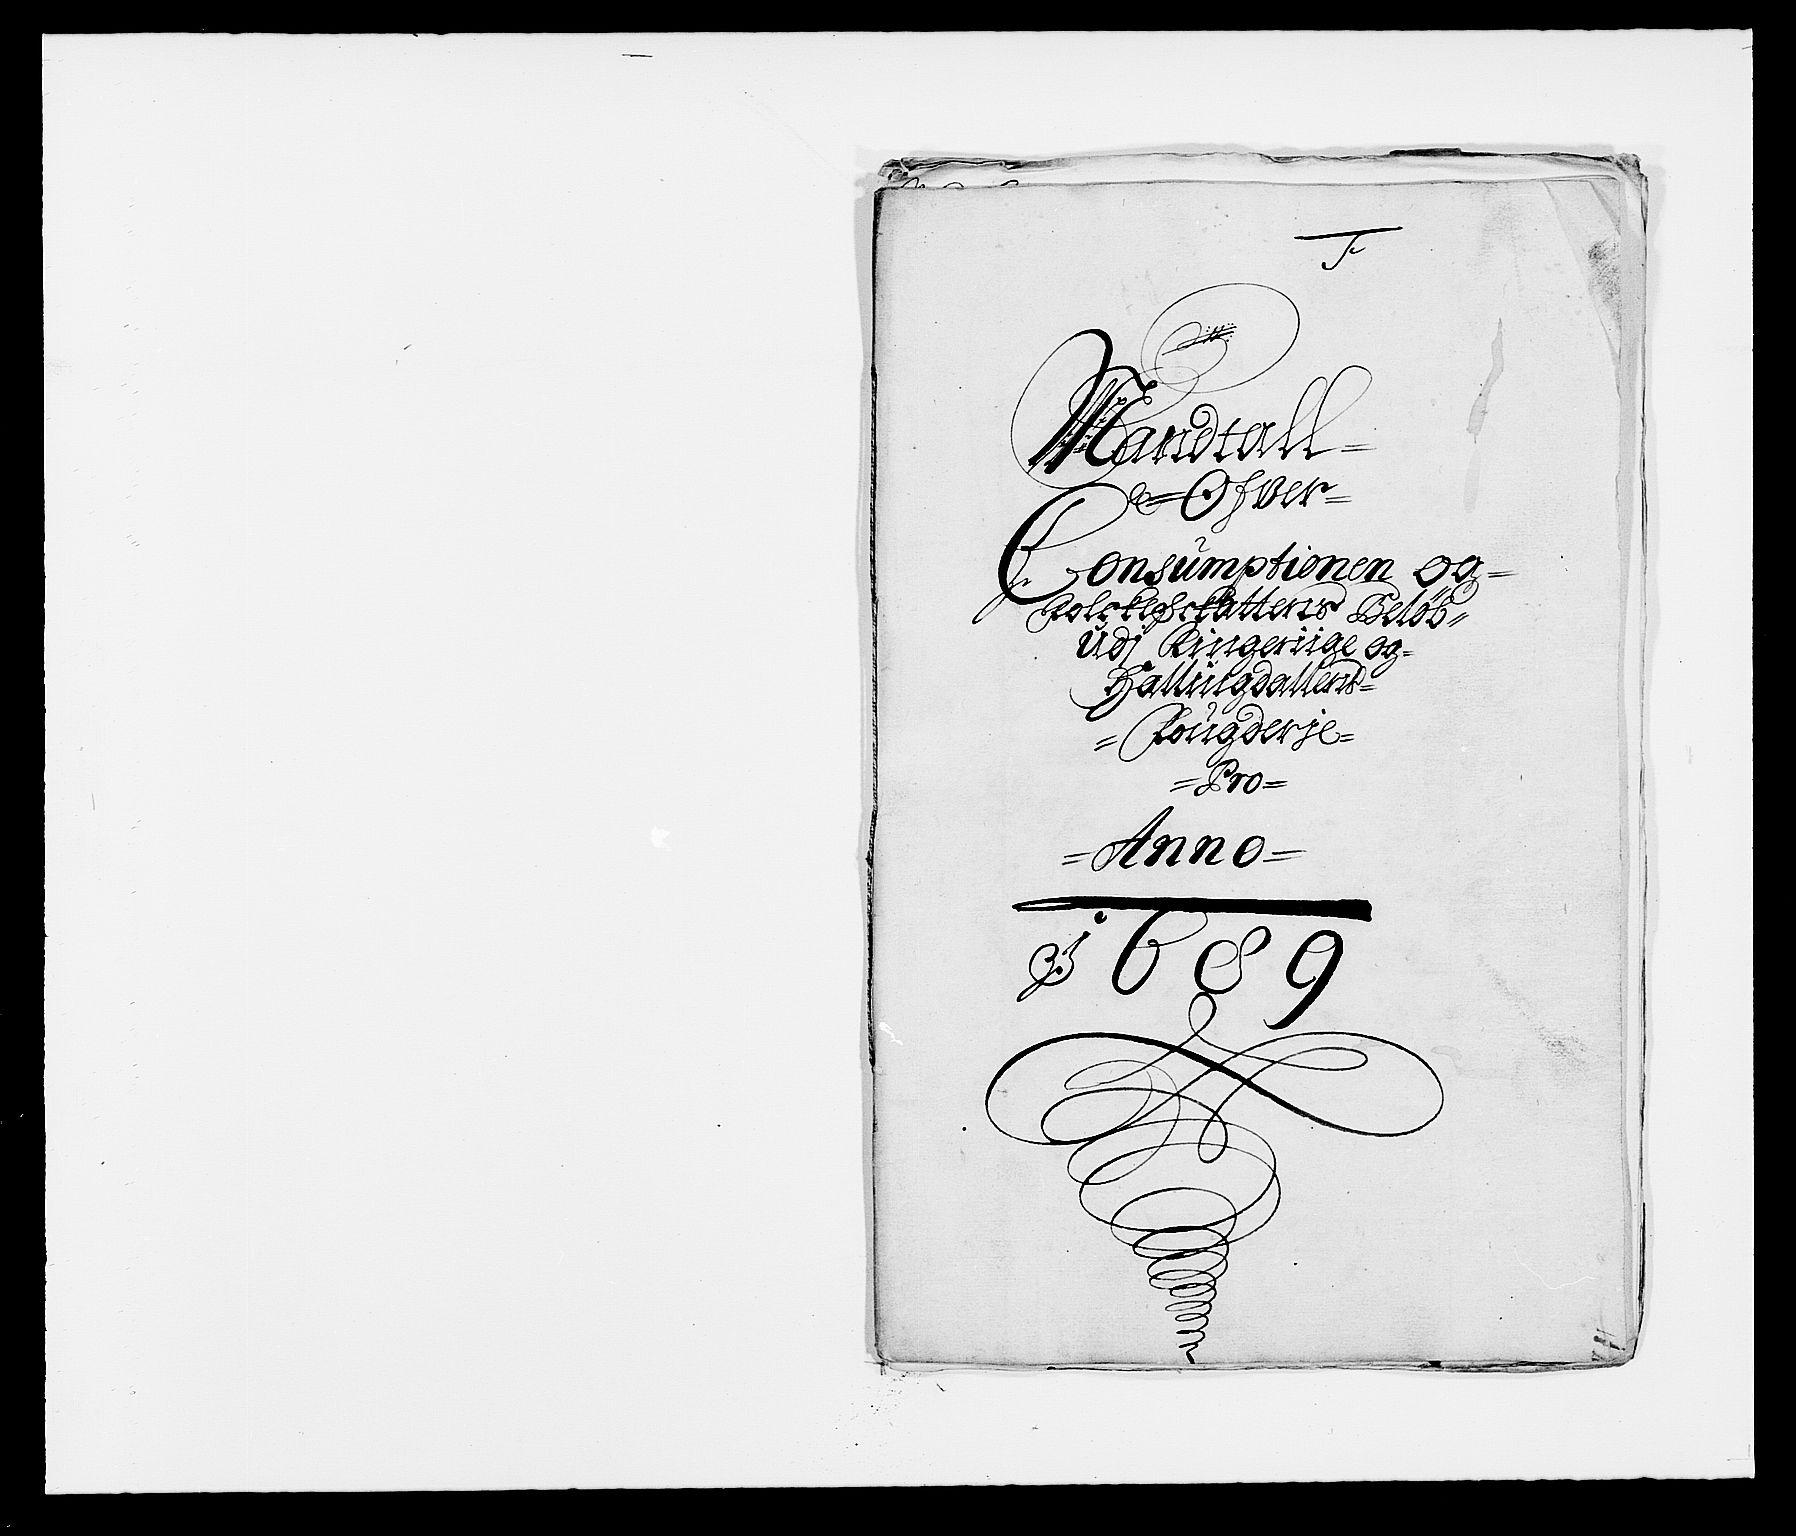 RA, Rentekammeret inntil 1814, Reviderte regnskaper, Fogderegnskap, R21/L1447: Fogderegnskap Ringerike og Hallingdal, 1687-1689, s. 314